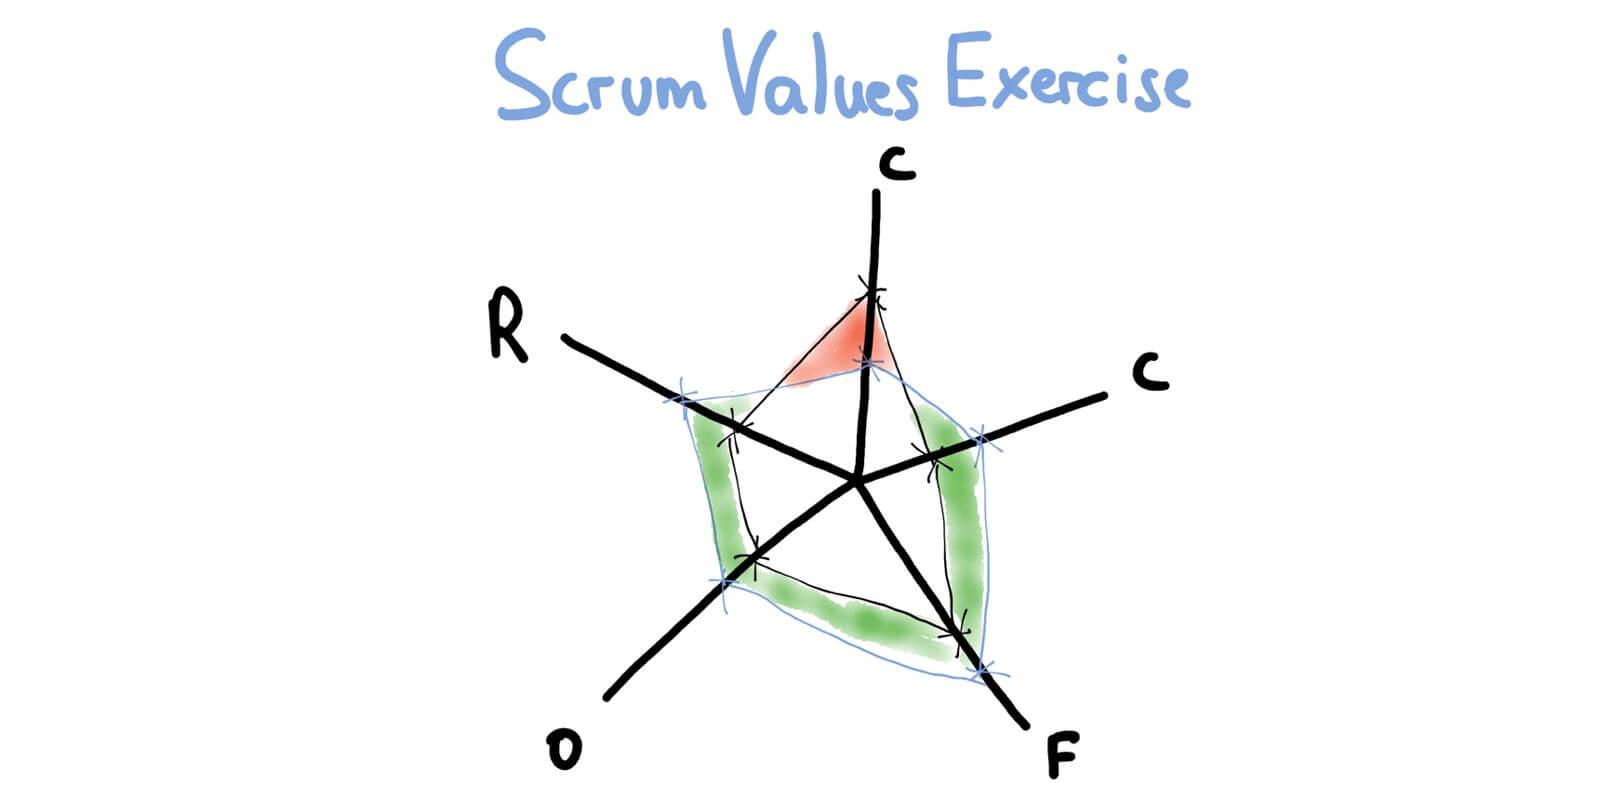 Agile Team Metrics: Scrum Values